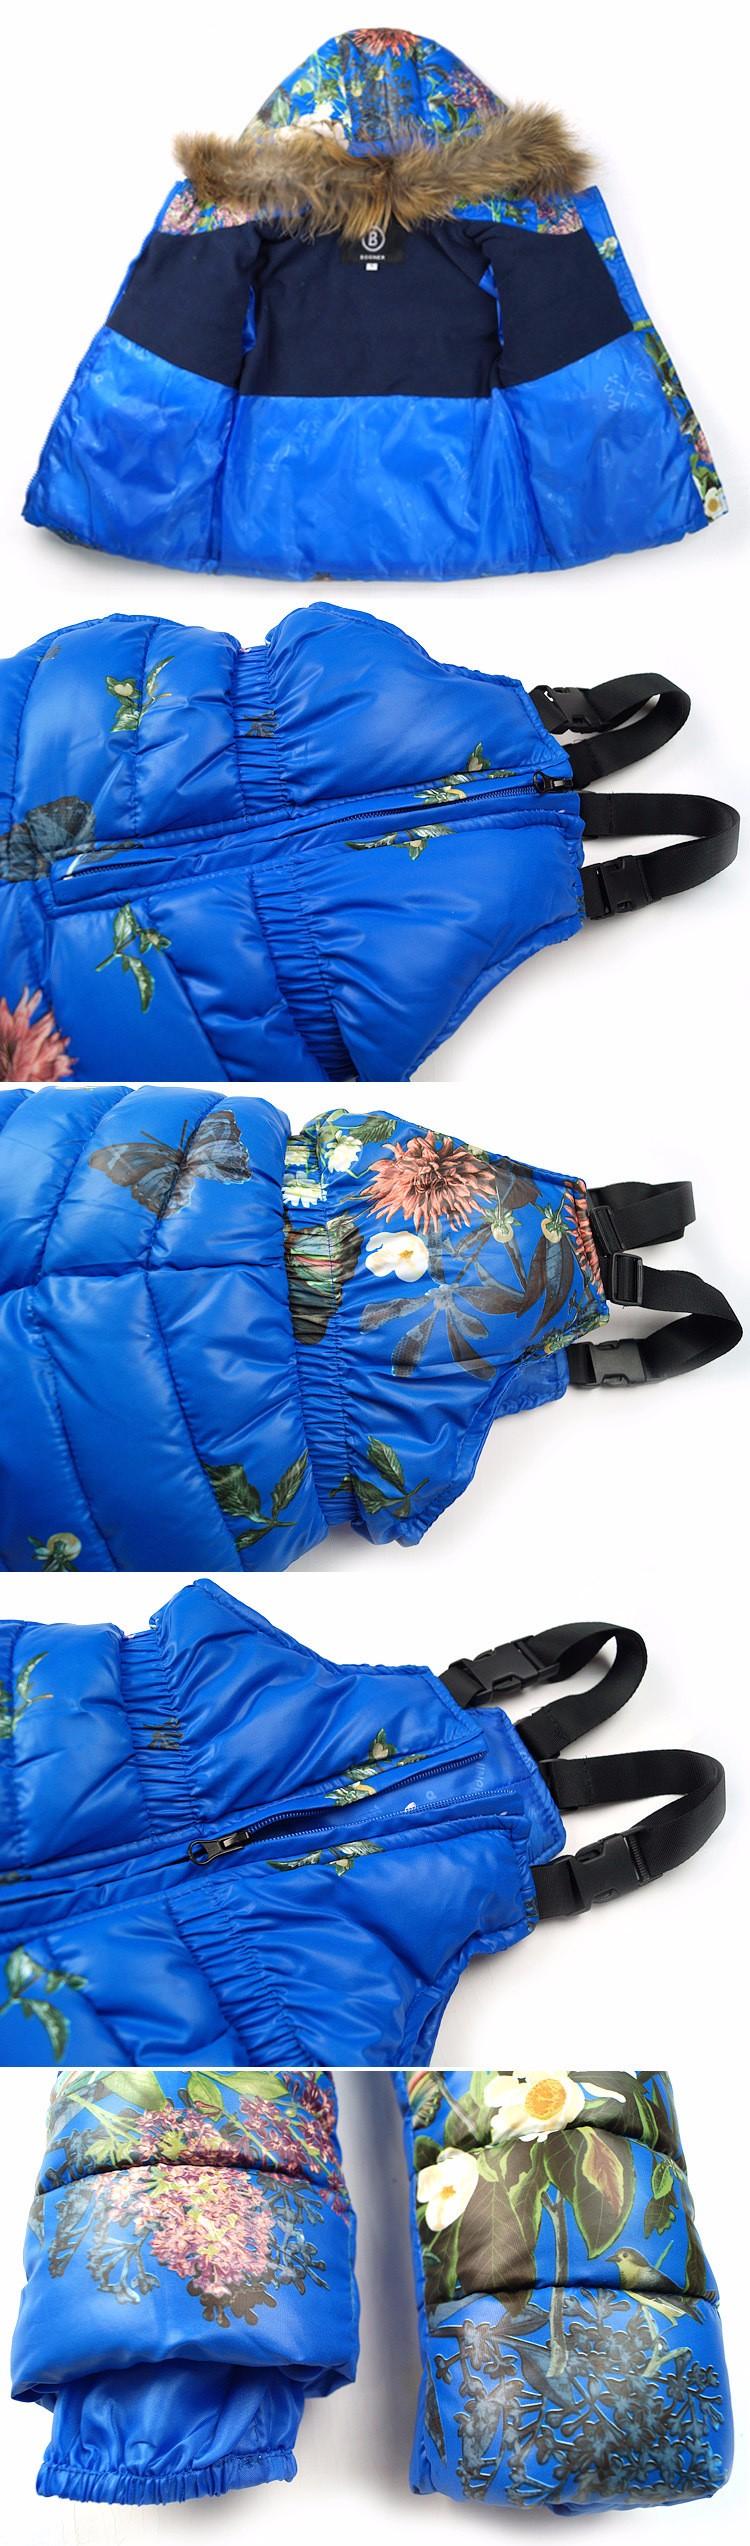 Скидки на Новый 2017 мальчики девочки теплое пальто одежда набор Природных белая утка вниз детей пиджак + биб детские snowsuit для 18 м-6 лет дети